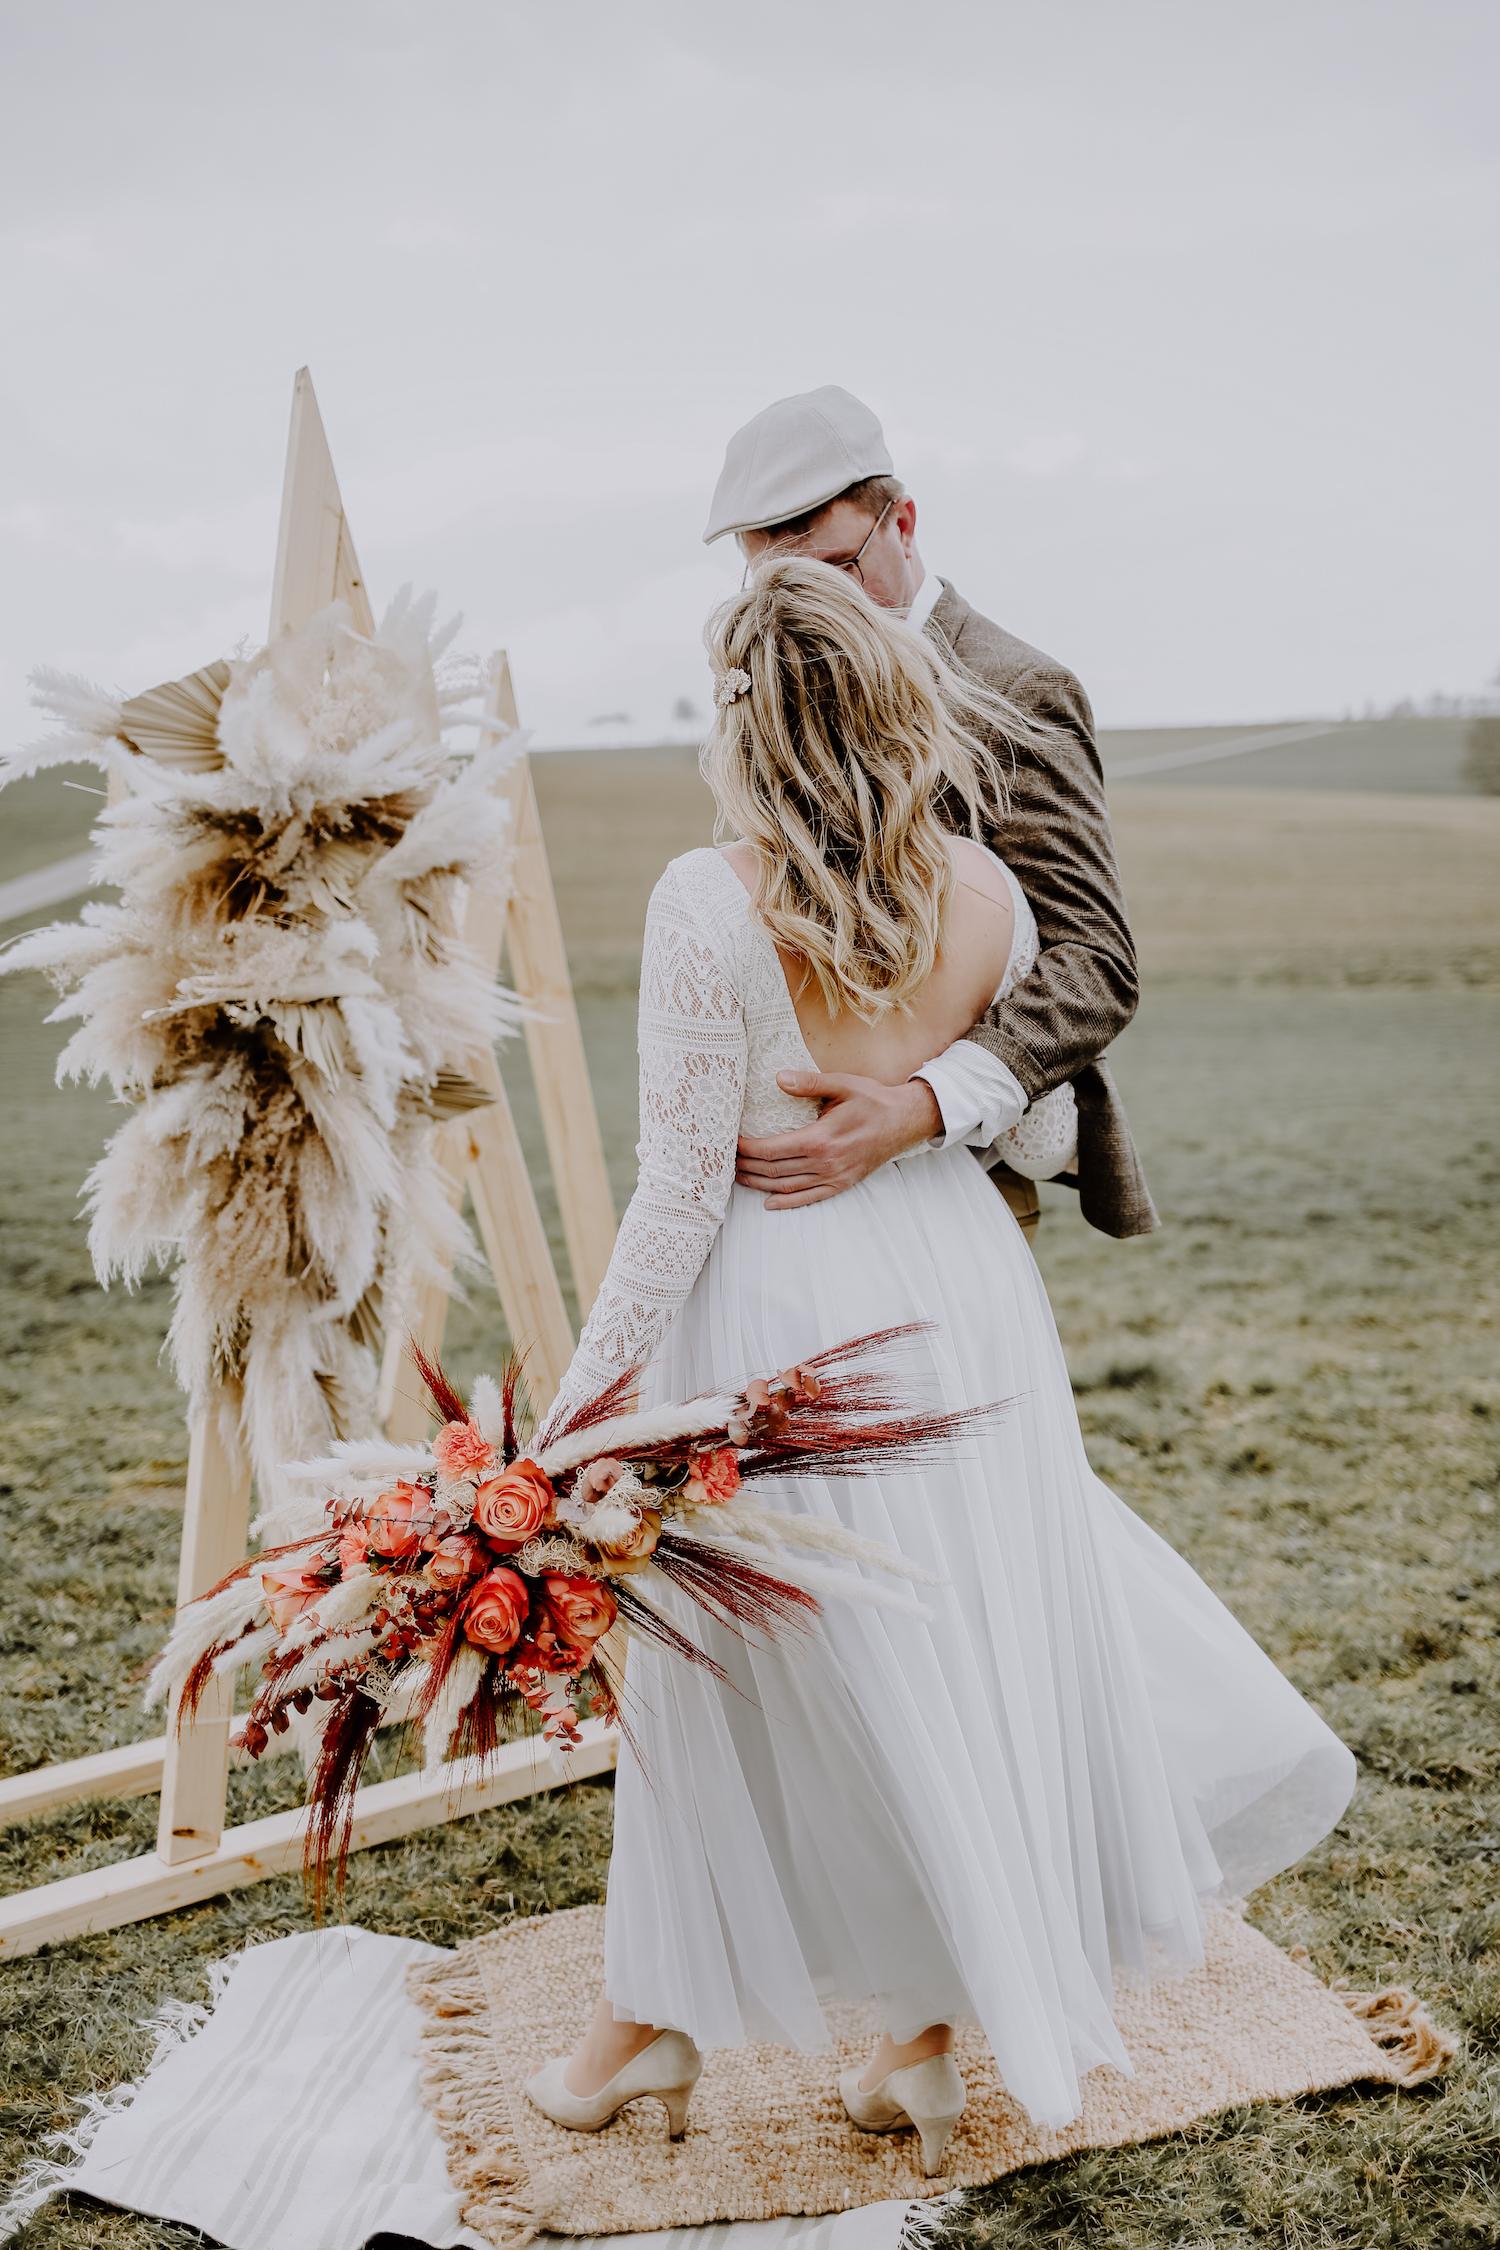 noni, zweiteiliges Brautkleid mit Brautbody und Tüllrock, Outdoor-Hochzeit mit Brautpaar